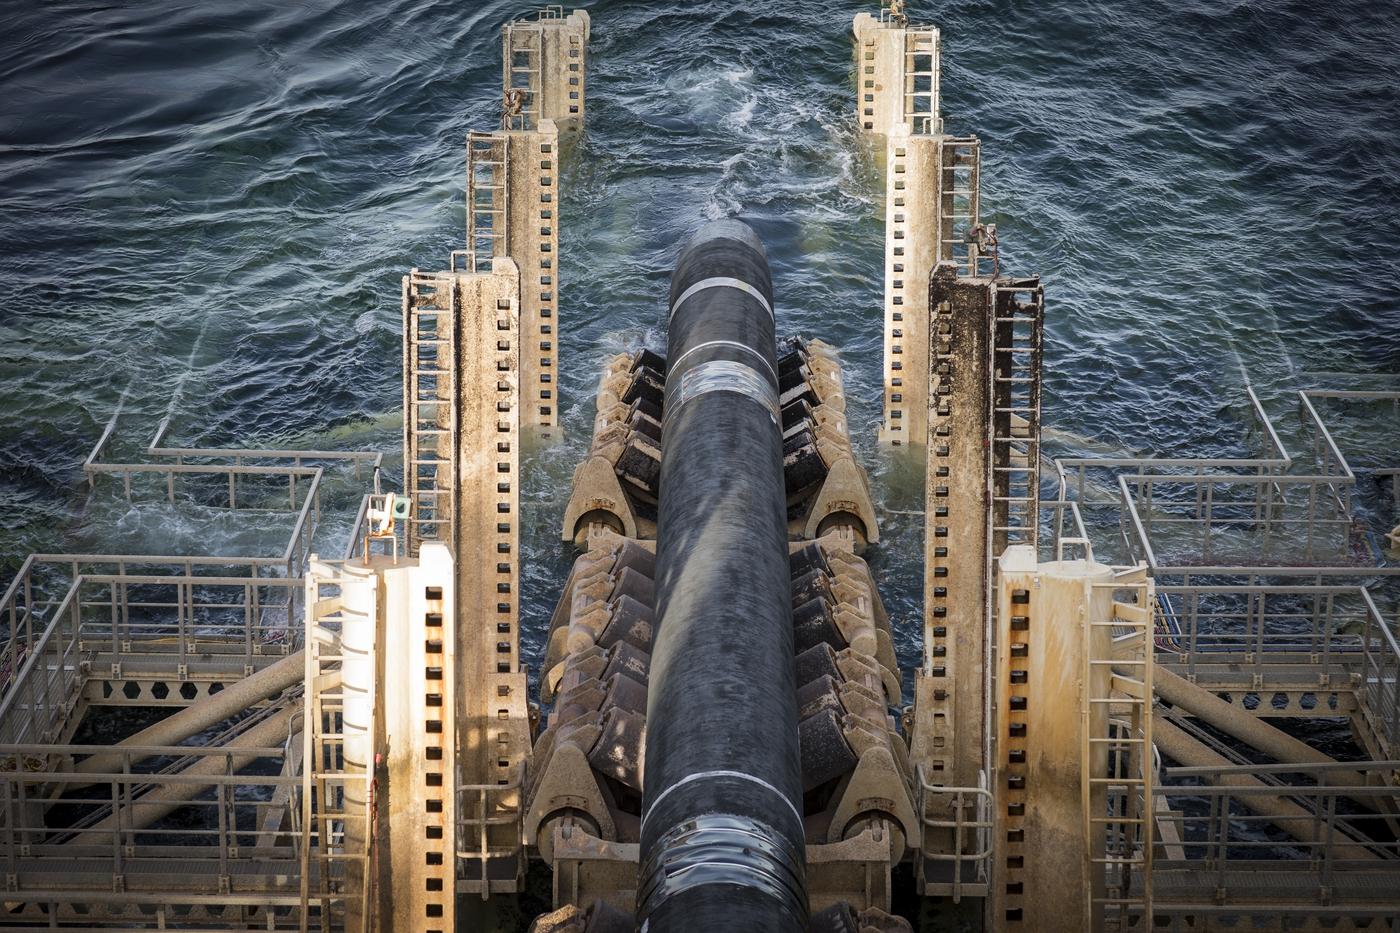 Госдеп пригрозил европейским компаниям санкциями из-за Nord Stream 2